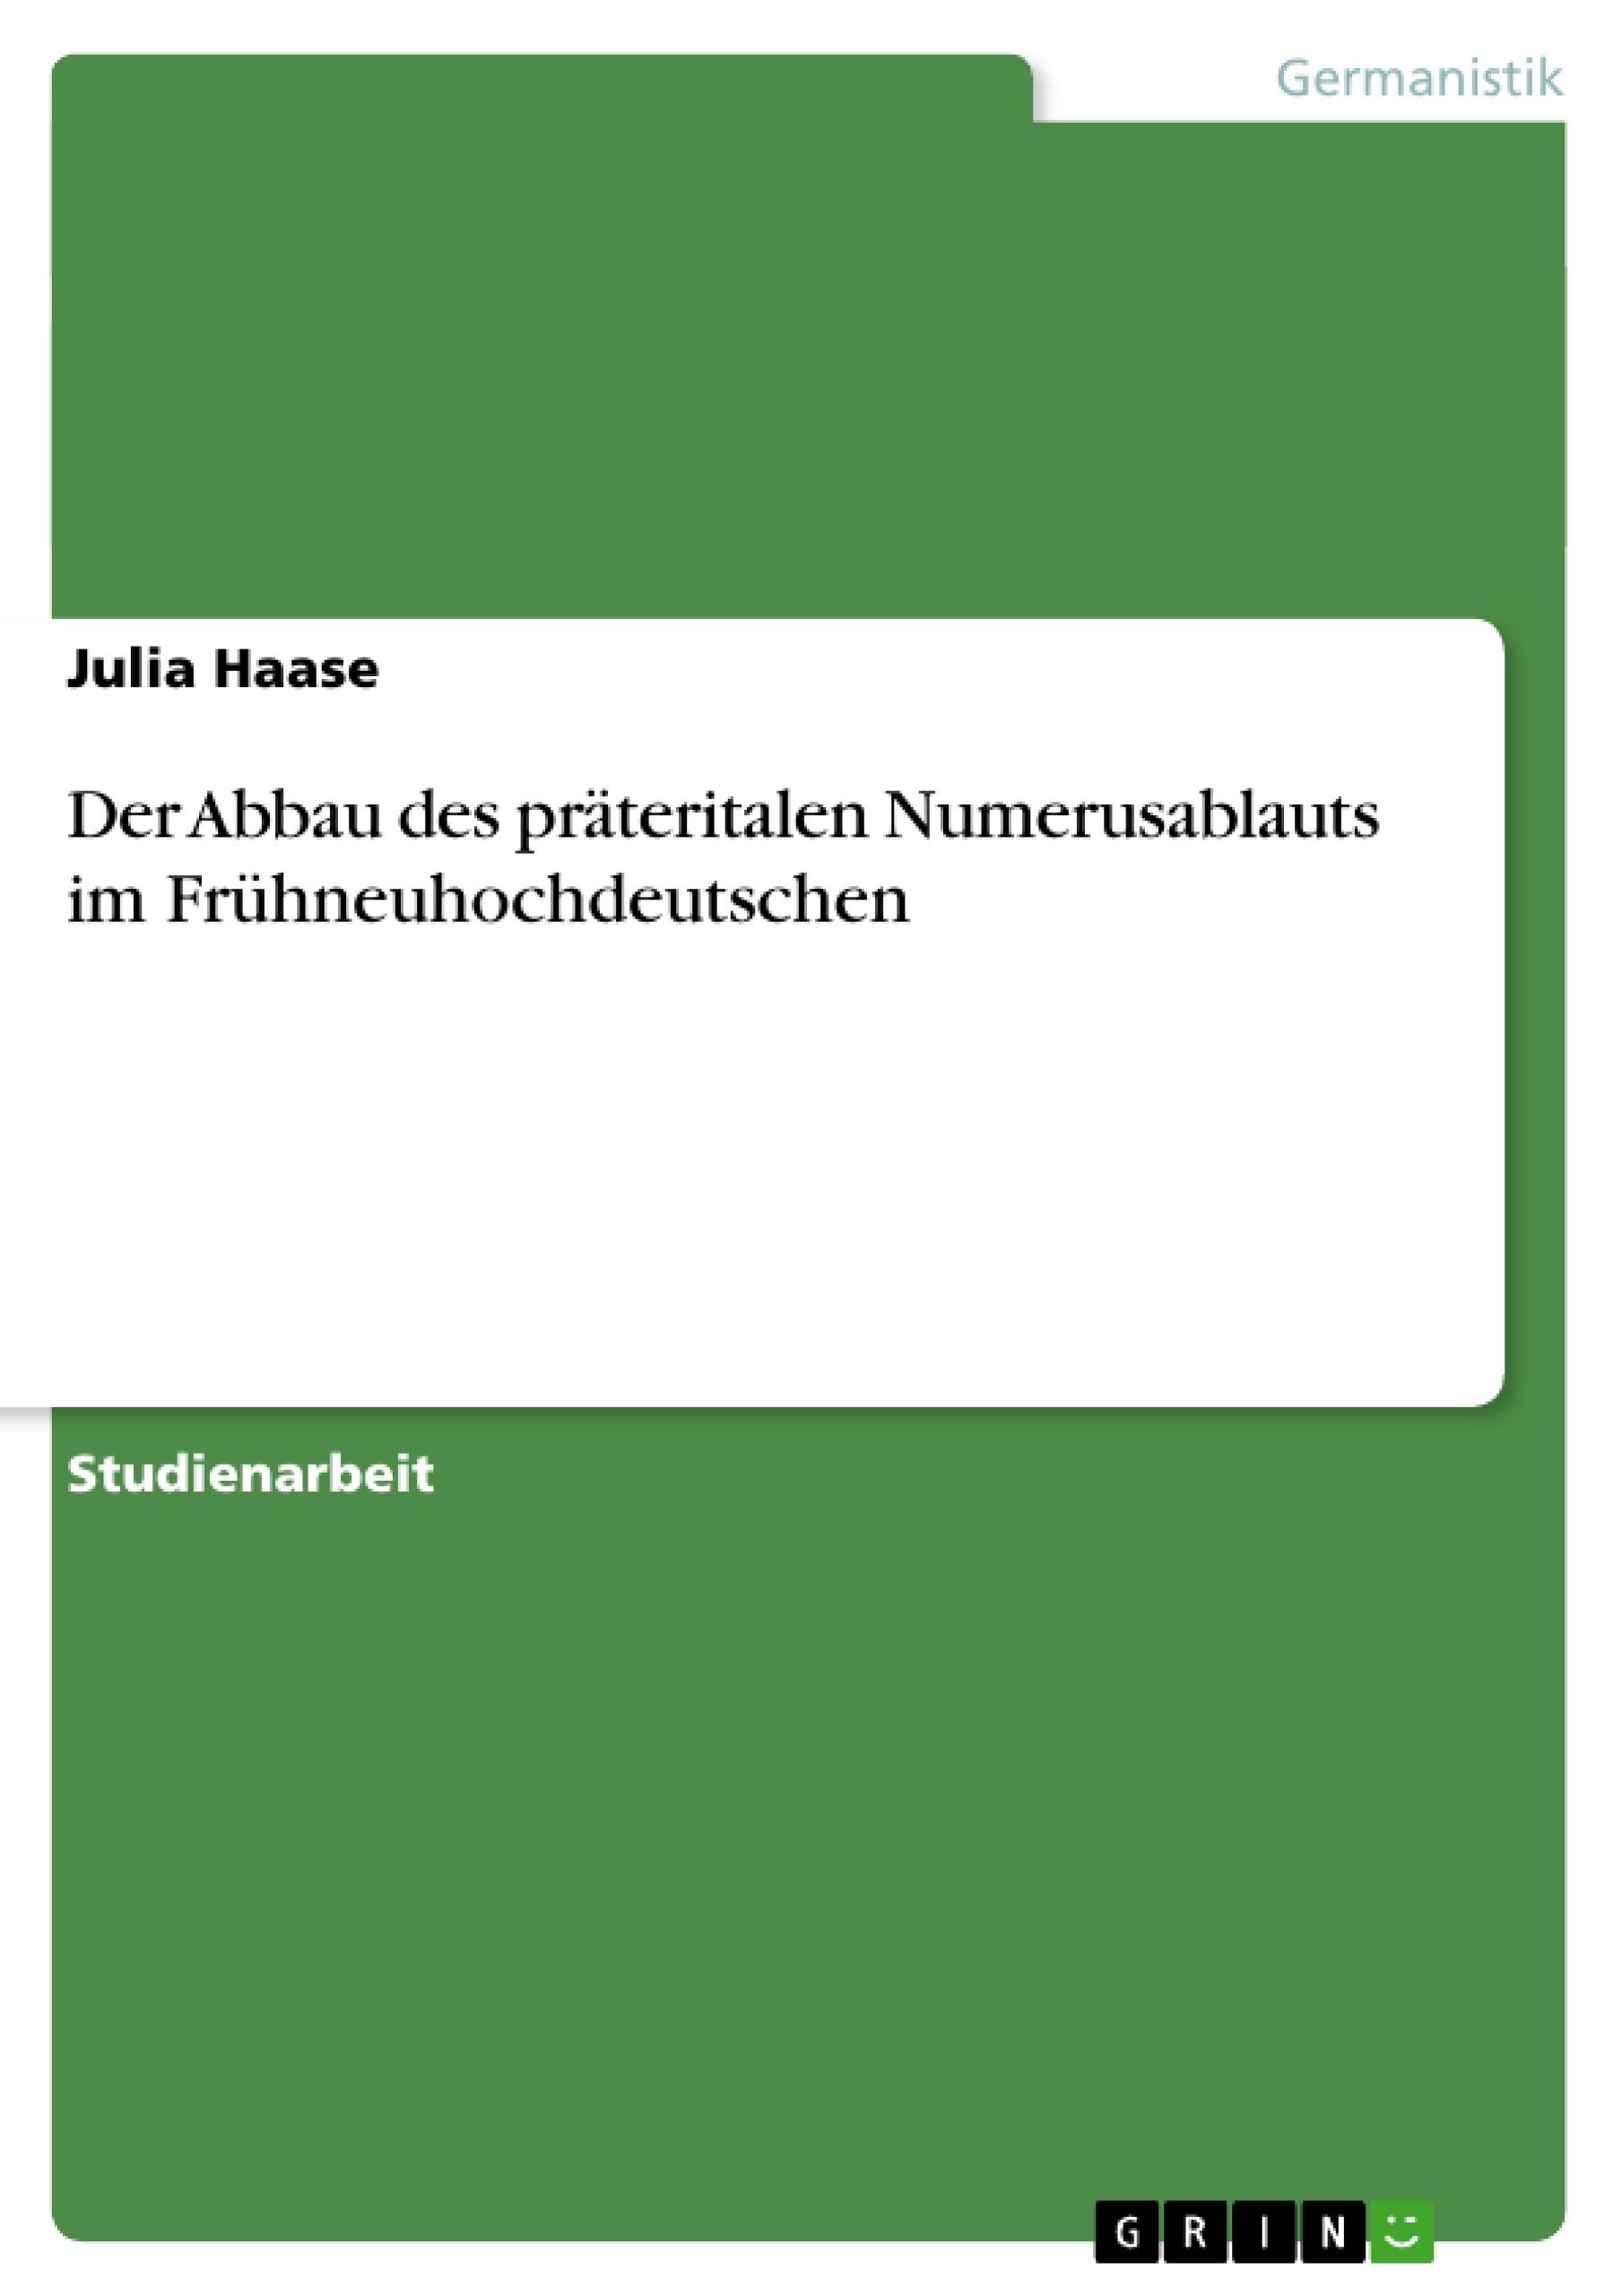 Titel: Der Abbau des präteritalen Numerusablauts im Frühneuhochdeutschen